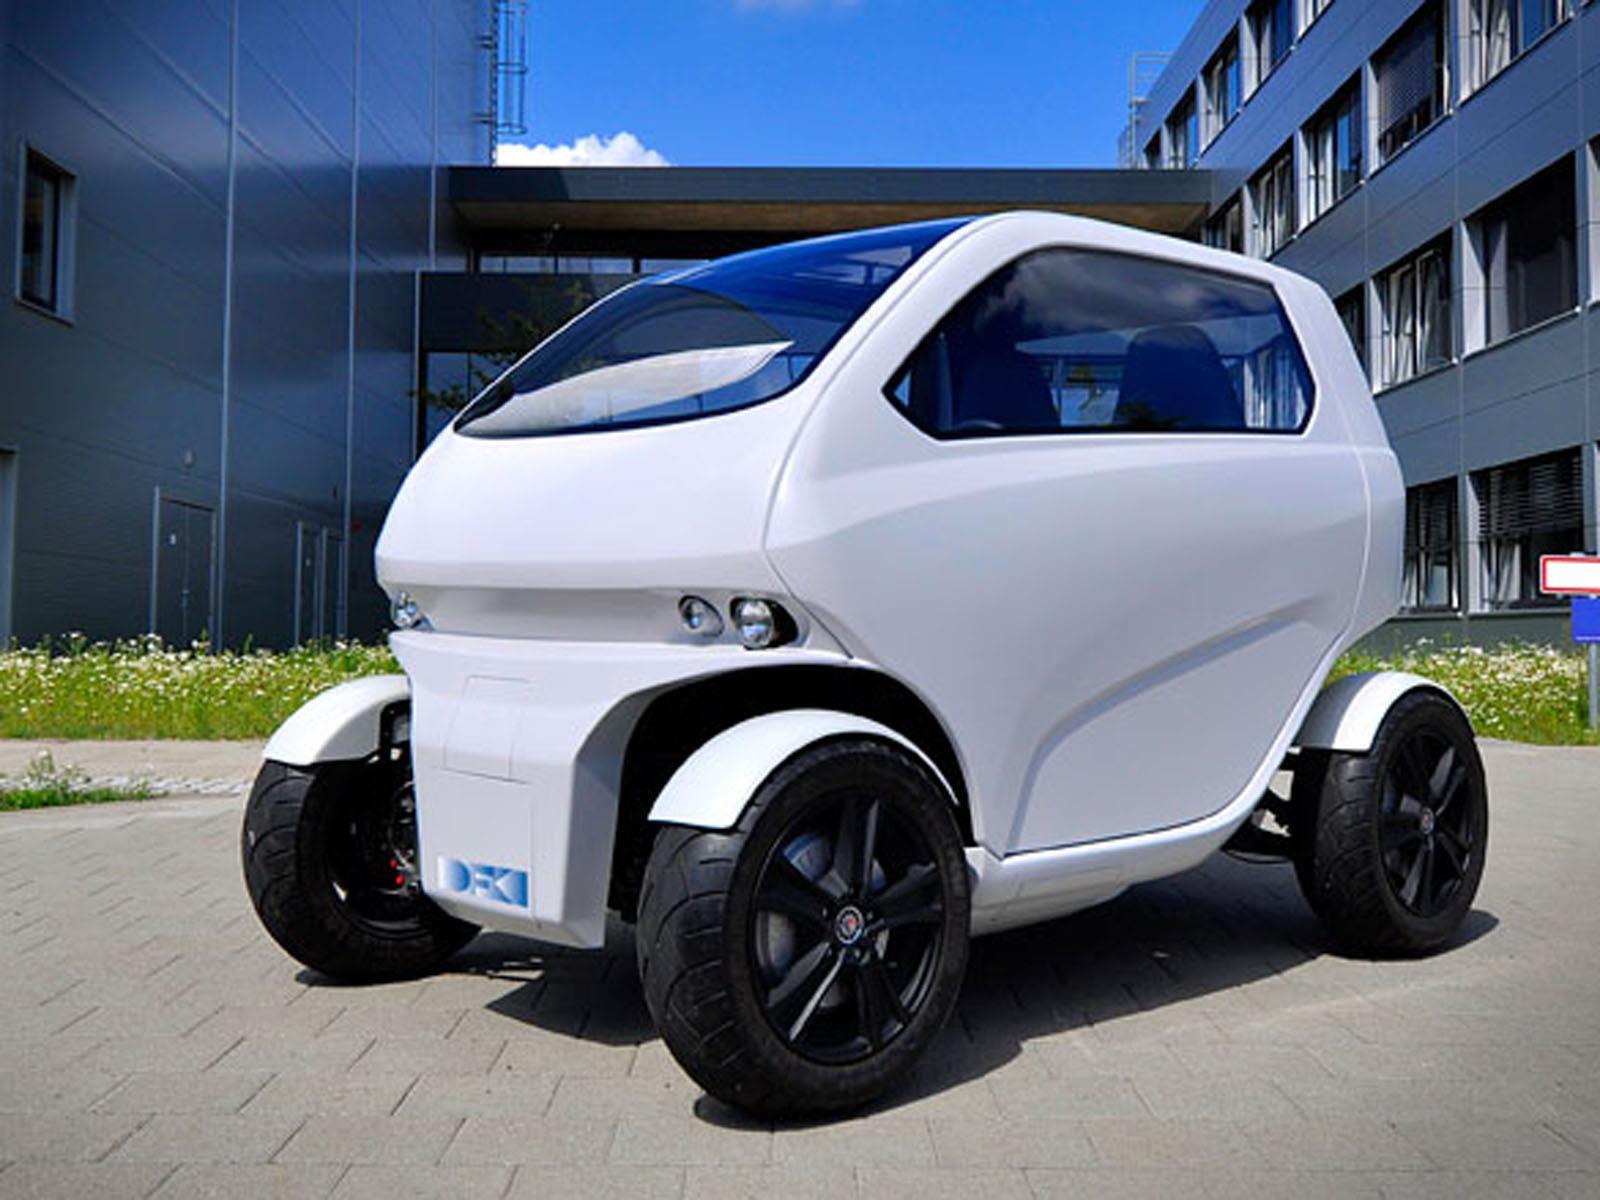 Smart car precios mexico 14